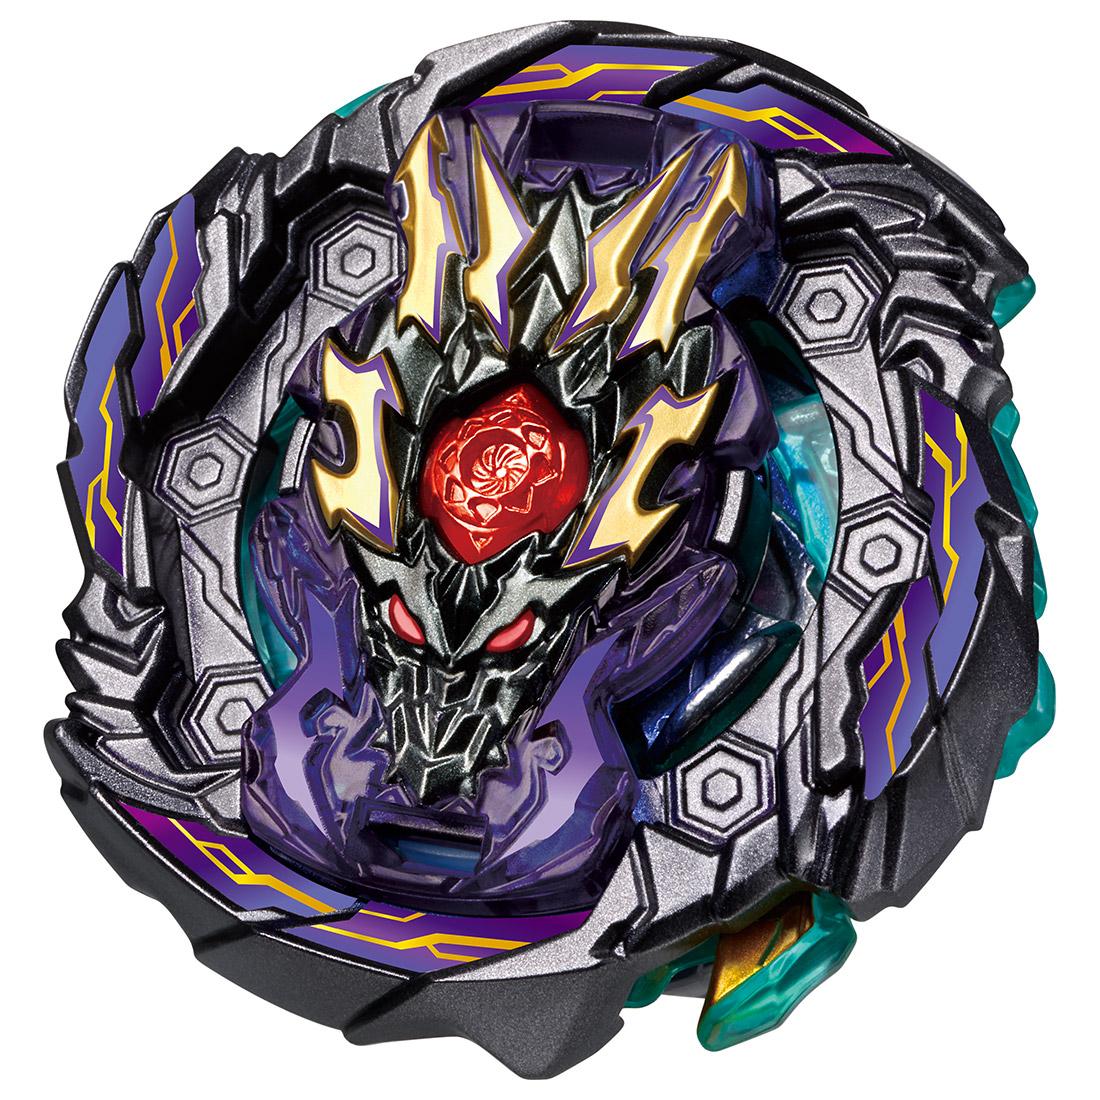 Dread Bahamut 7Wall Orbit Metal Gen